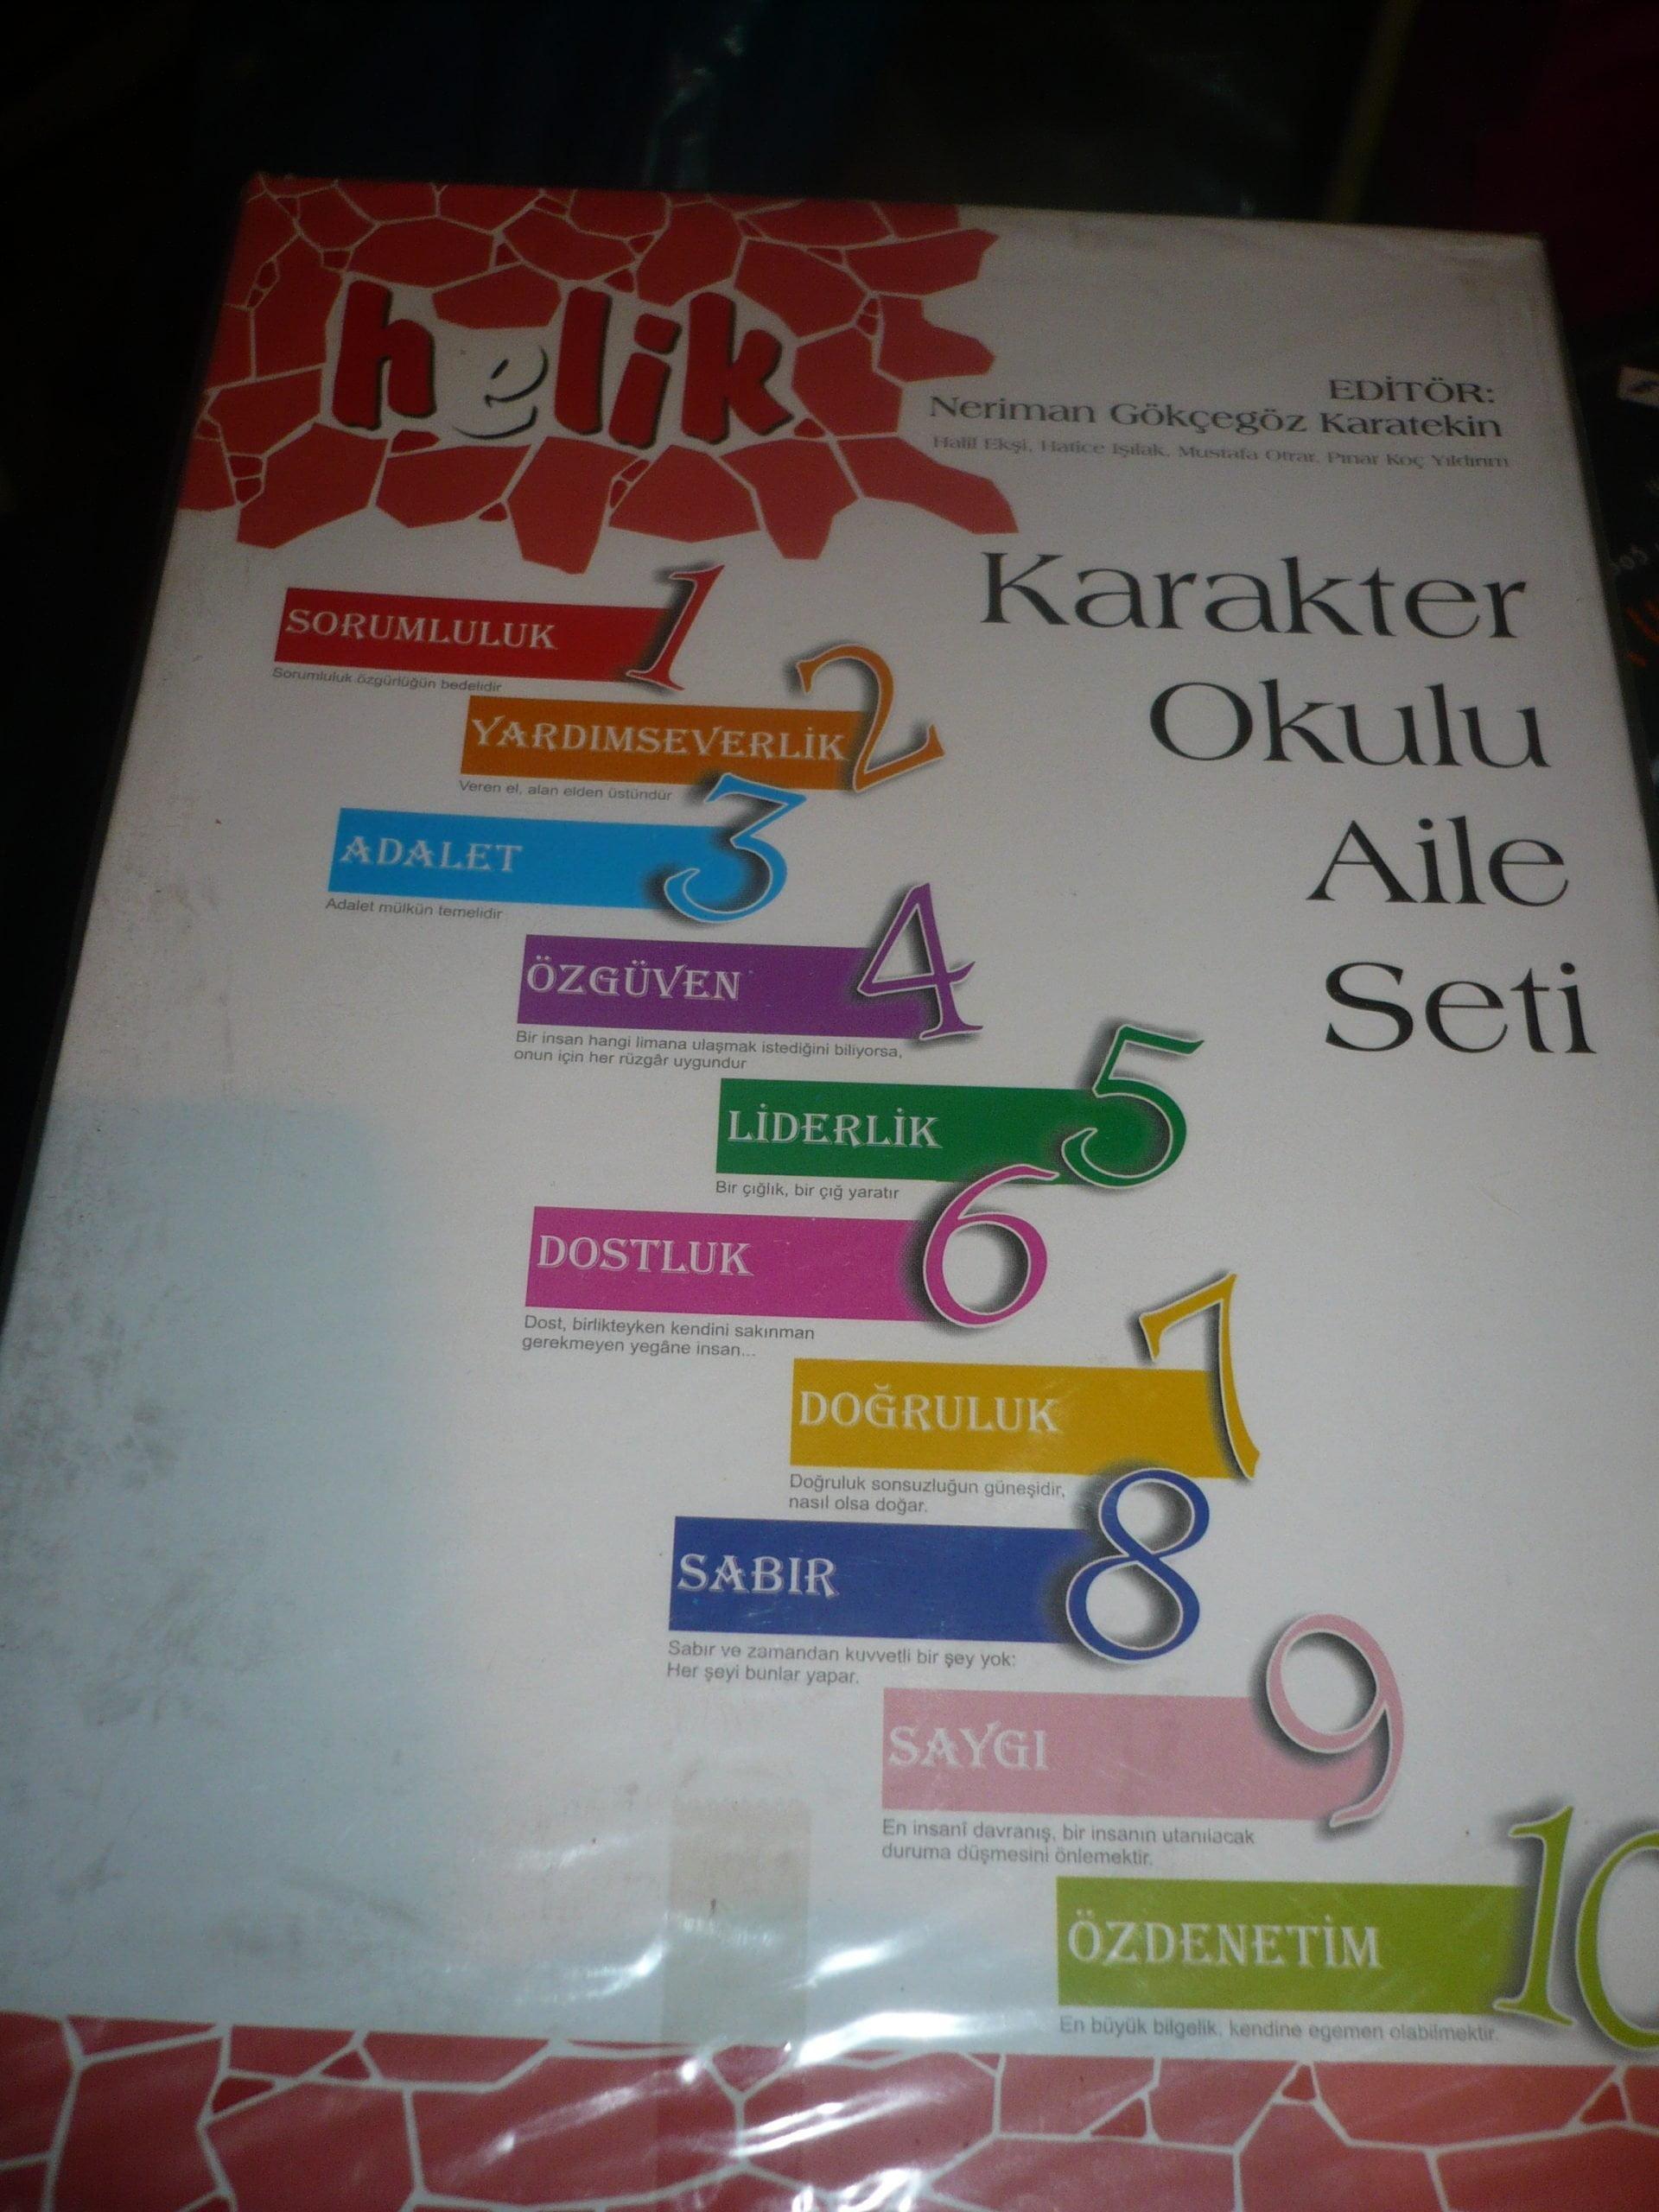 HELİK-KARAKTER OKULU AİLE SETİ1-10/ Editör-N G.Karatekin+heyet/takım.20 tl(satıldı)